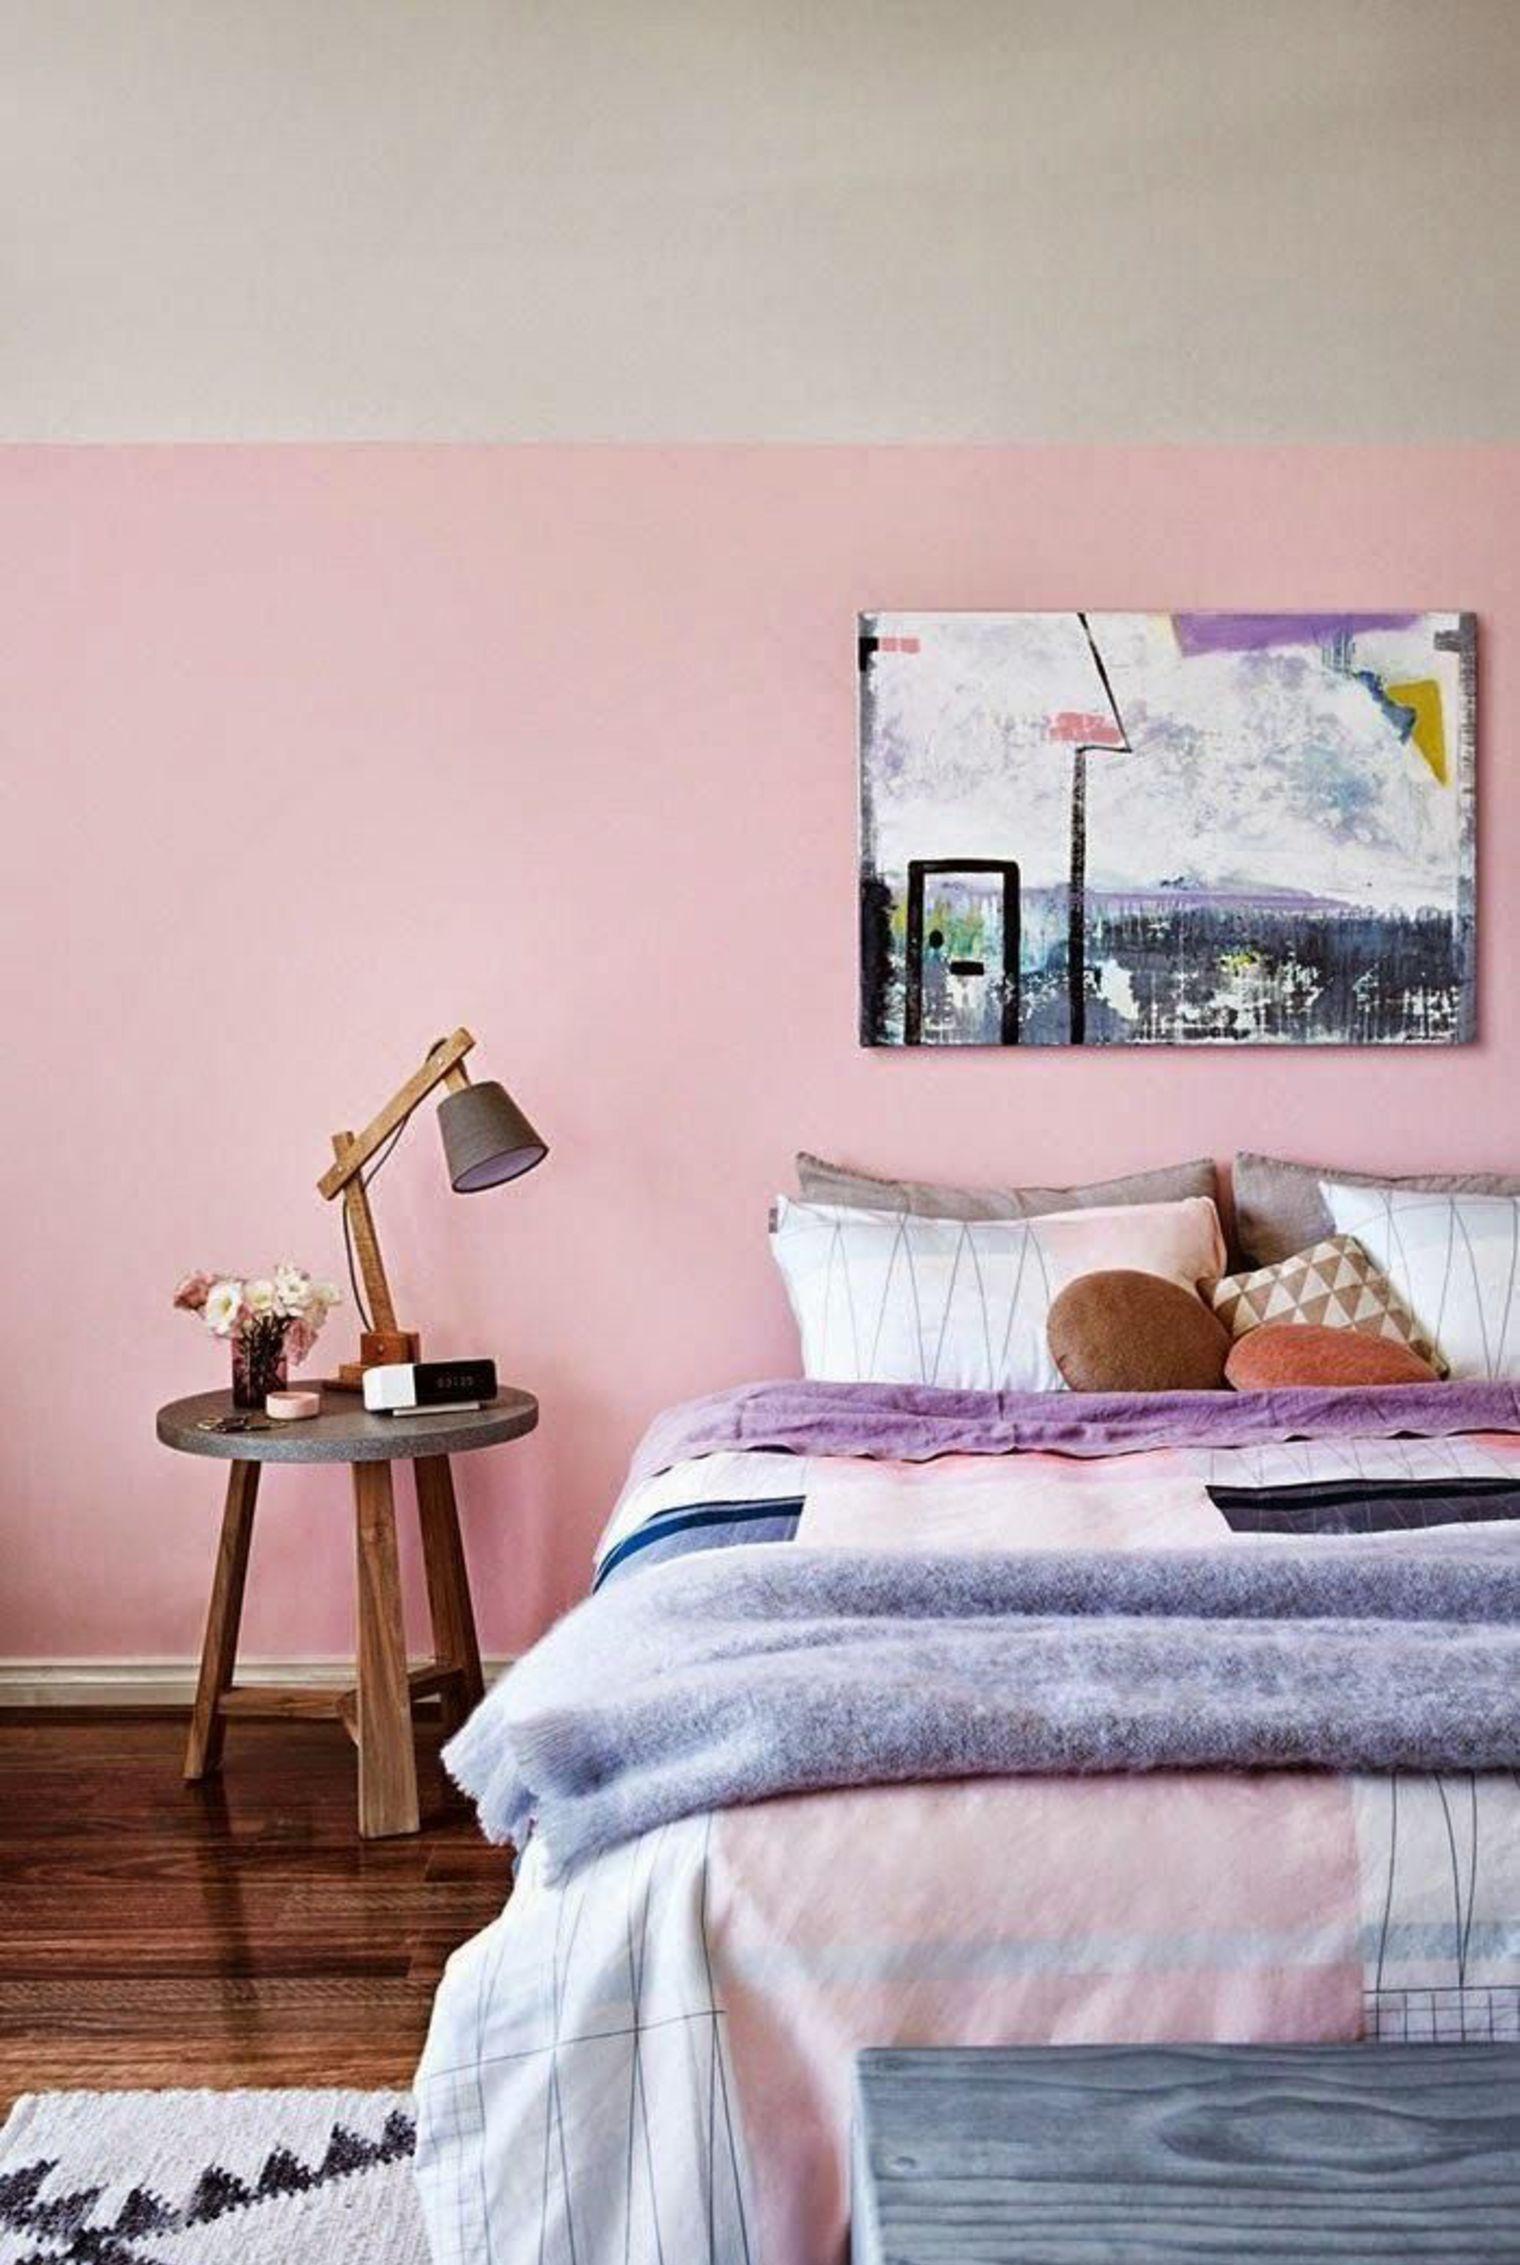 Дизайн спальни 18 кв м в розовом цвете